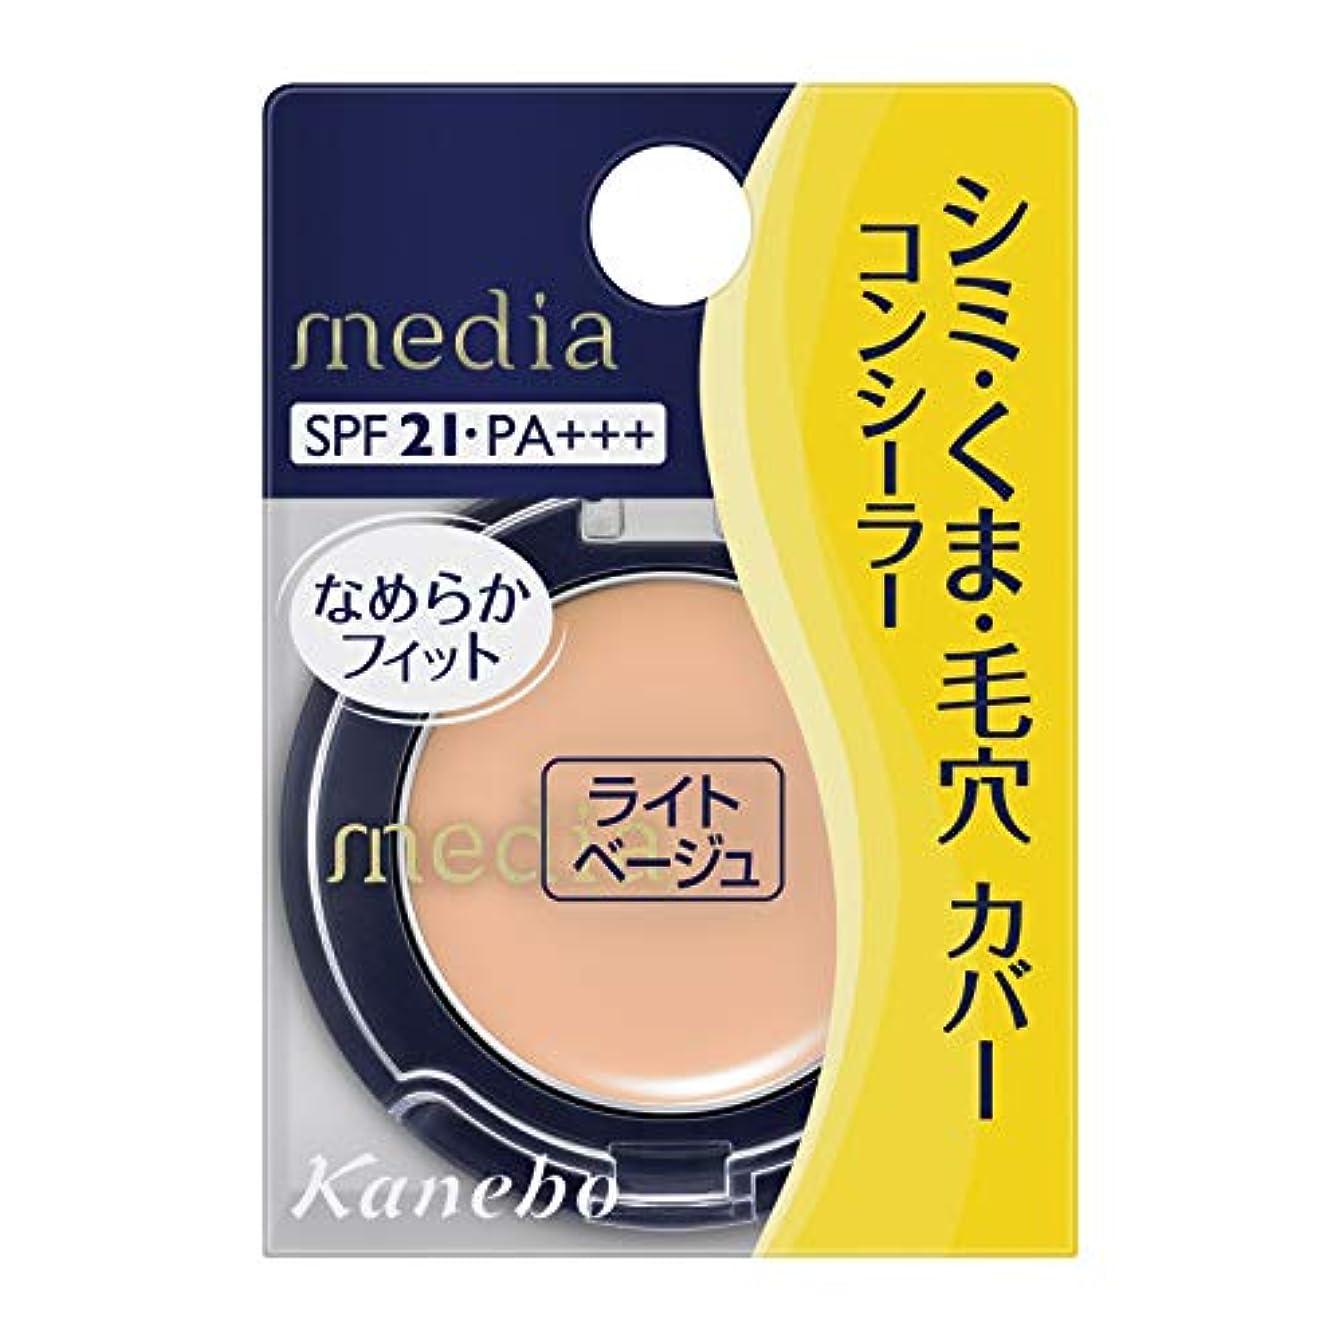 ステレオ入植者バインドカネボウ化粧品 メディア コンシーラー S ライトベージュ 1.7g